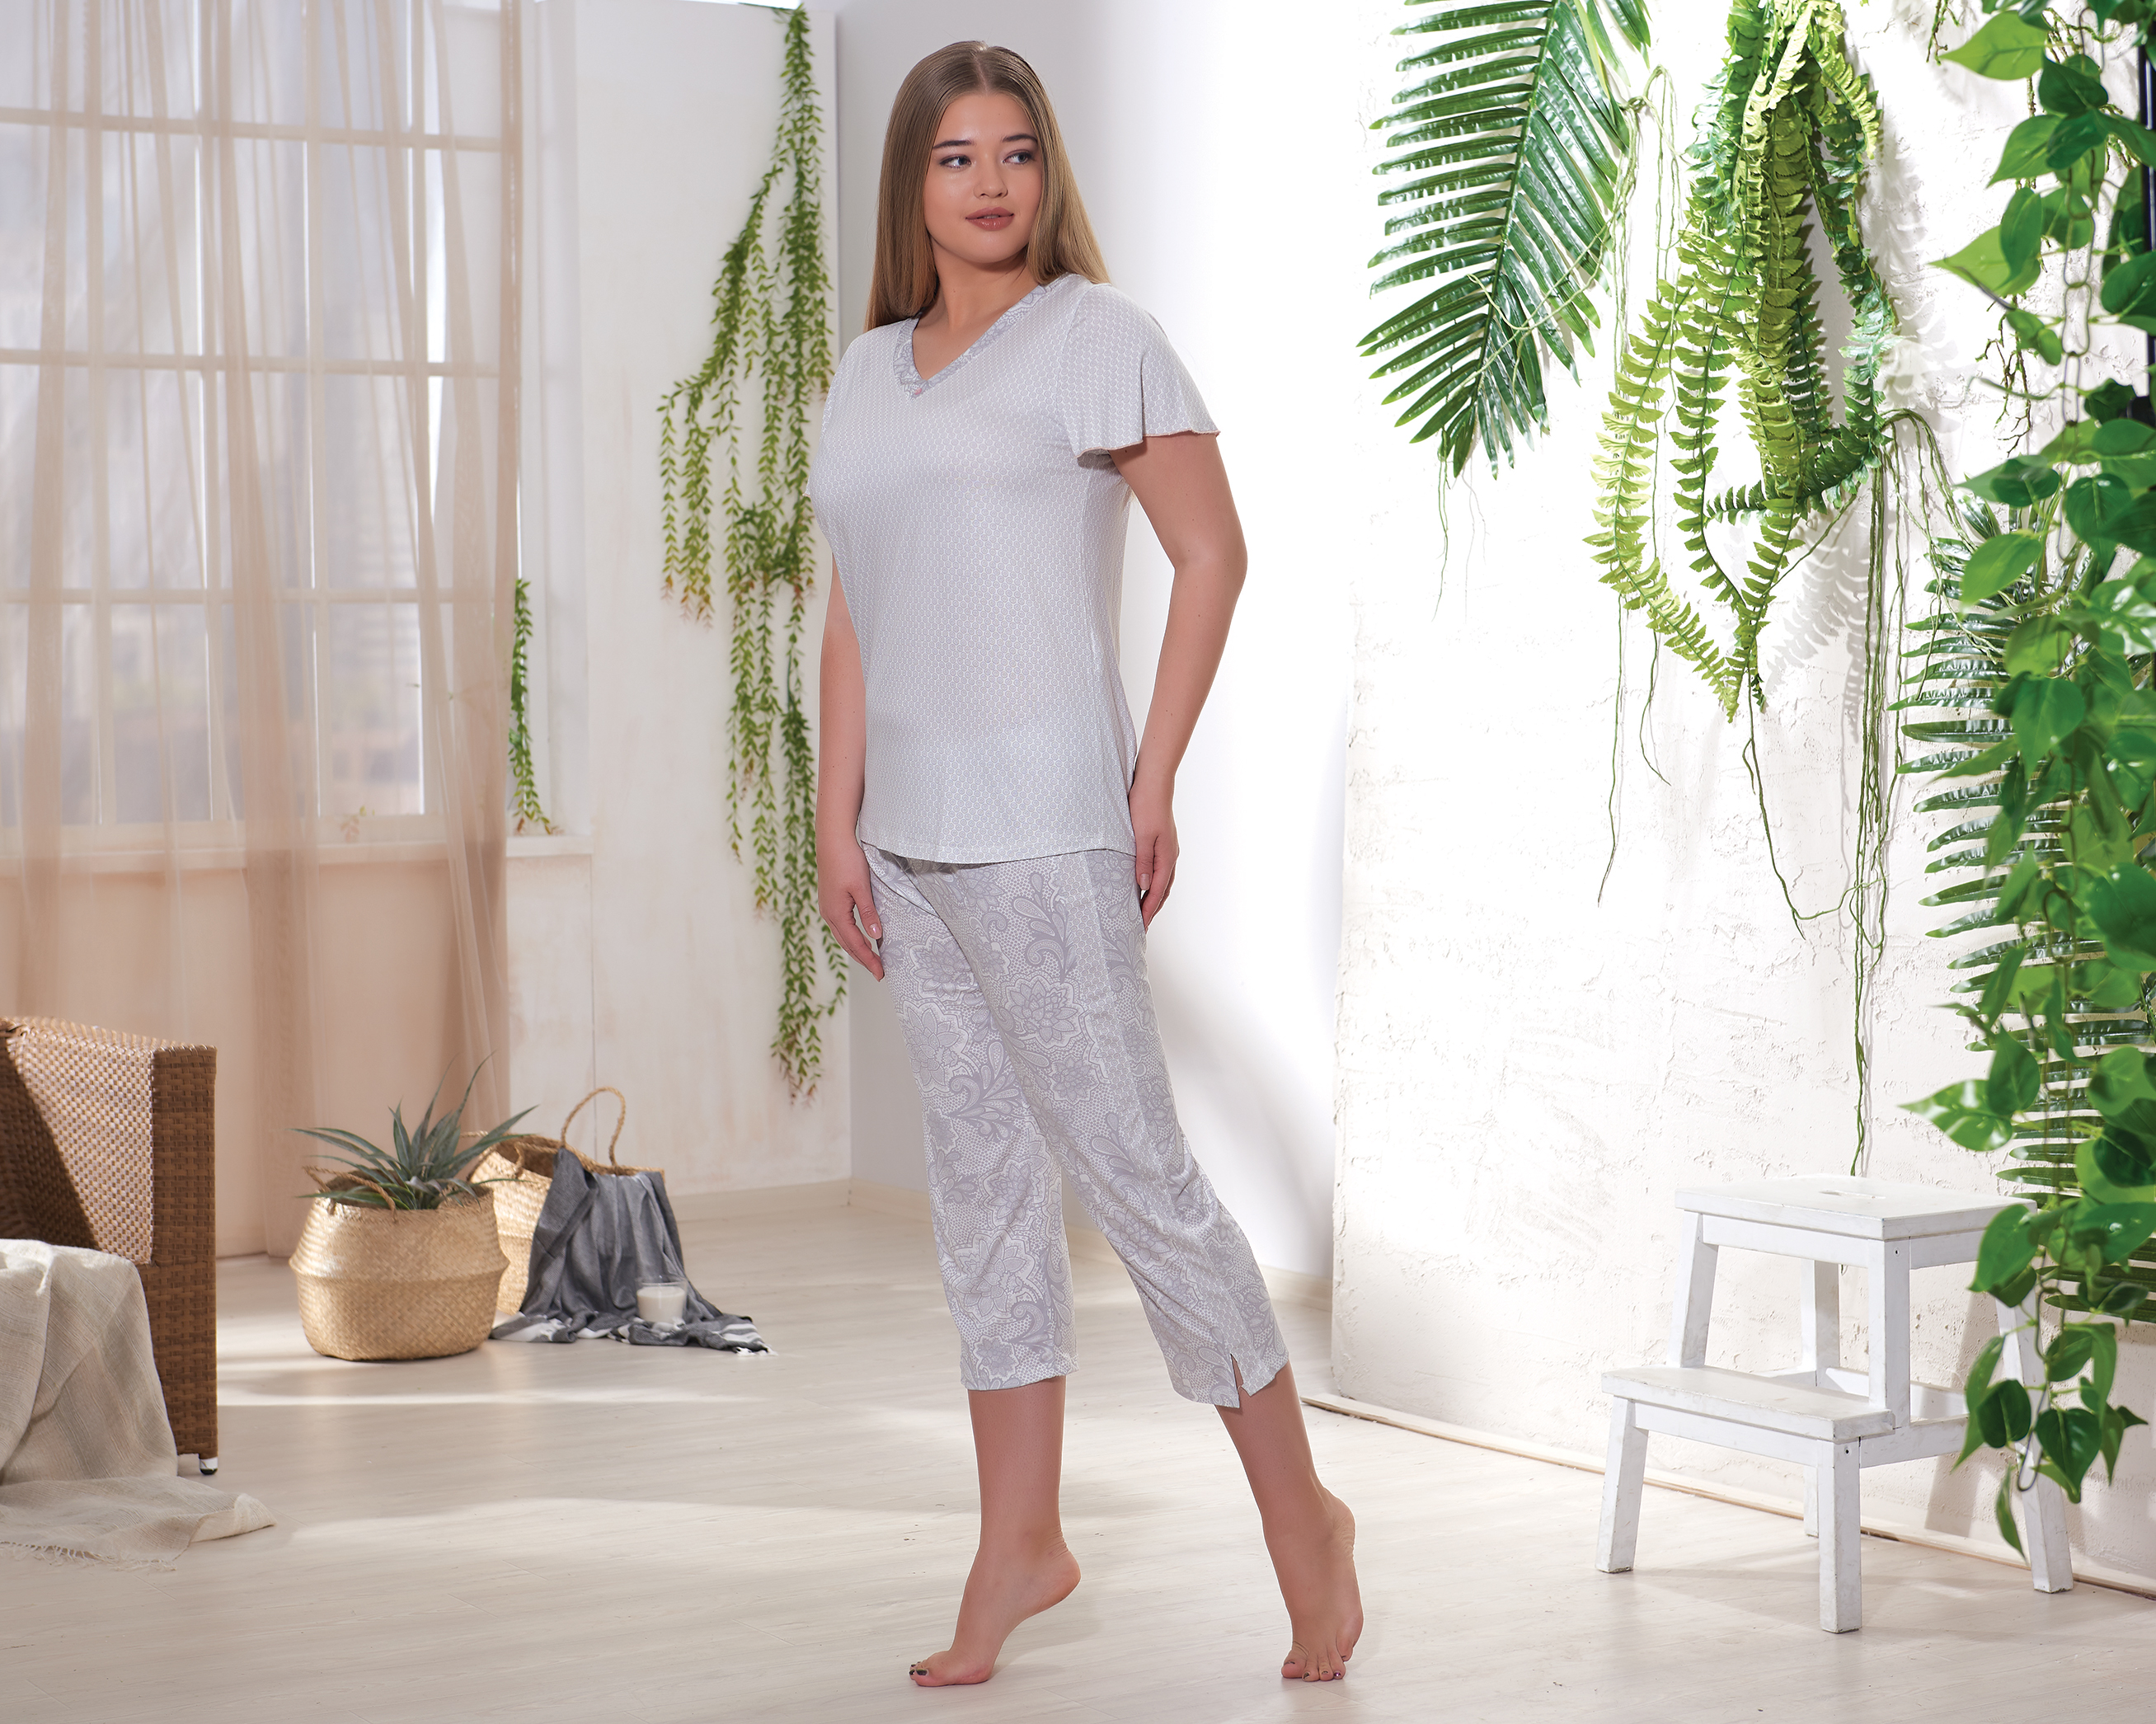 Домашний комплект Sevim домашний комплект женский sevim топ шорты цвет кремовый 10281 sv размер l 44 46